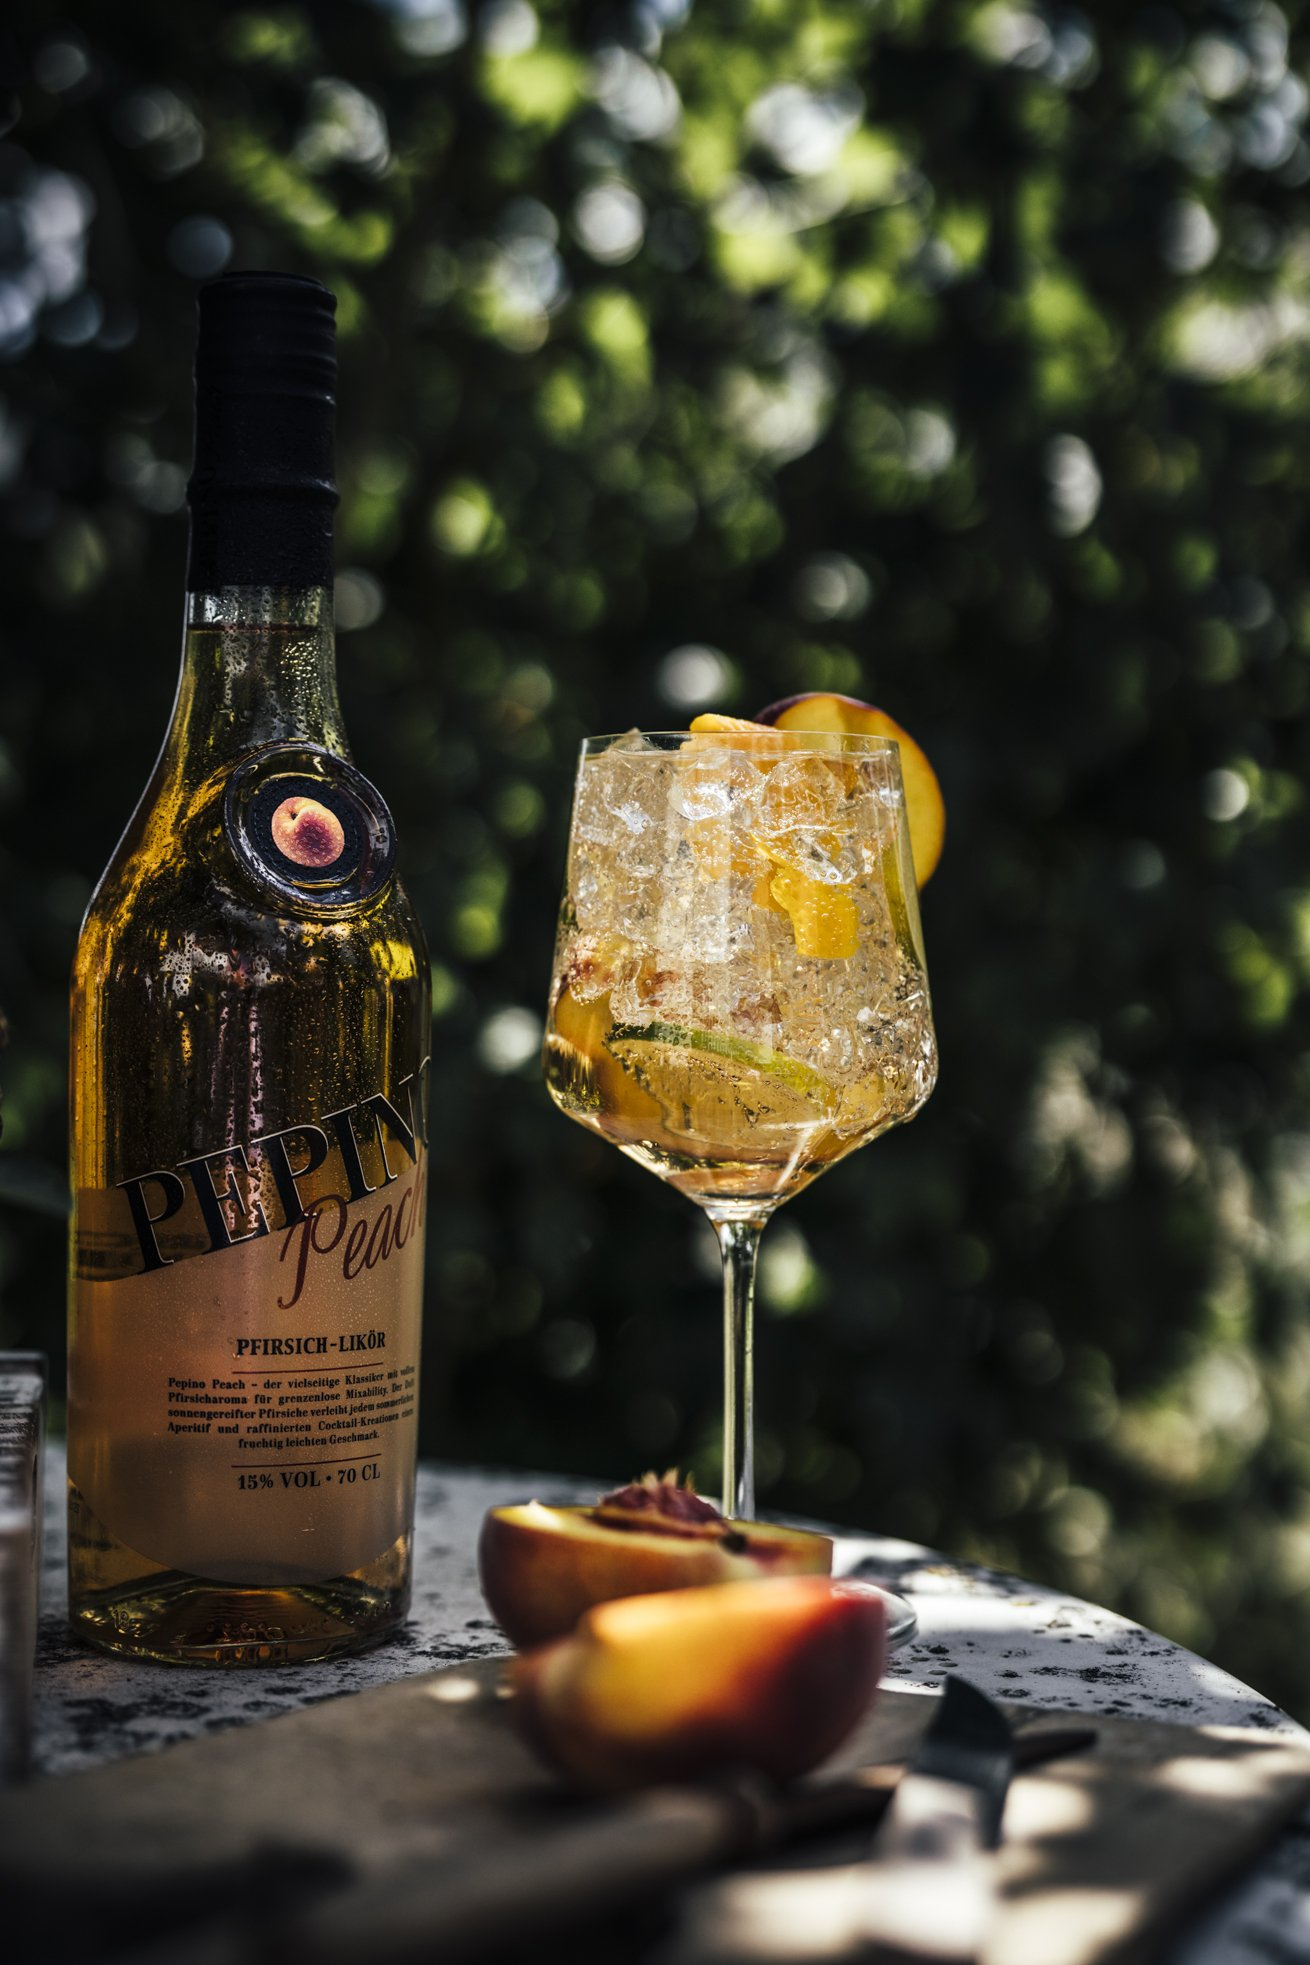 Unser erfrischender Sommerdrink - Pfirsich Likör, Tonic Water und viel Eis